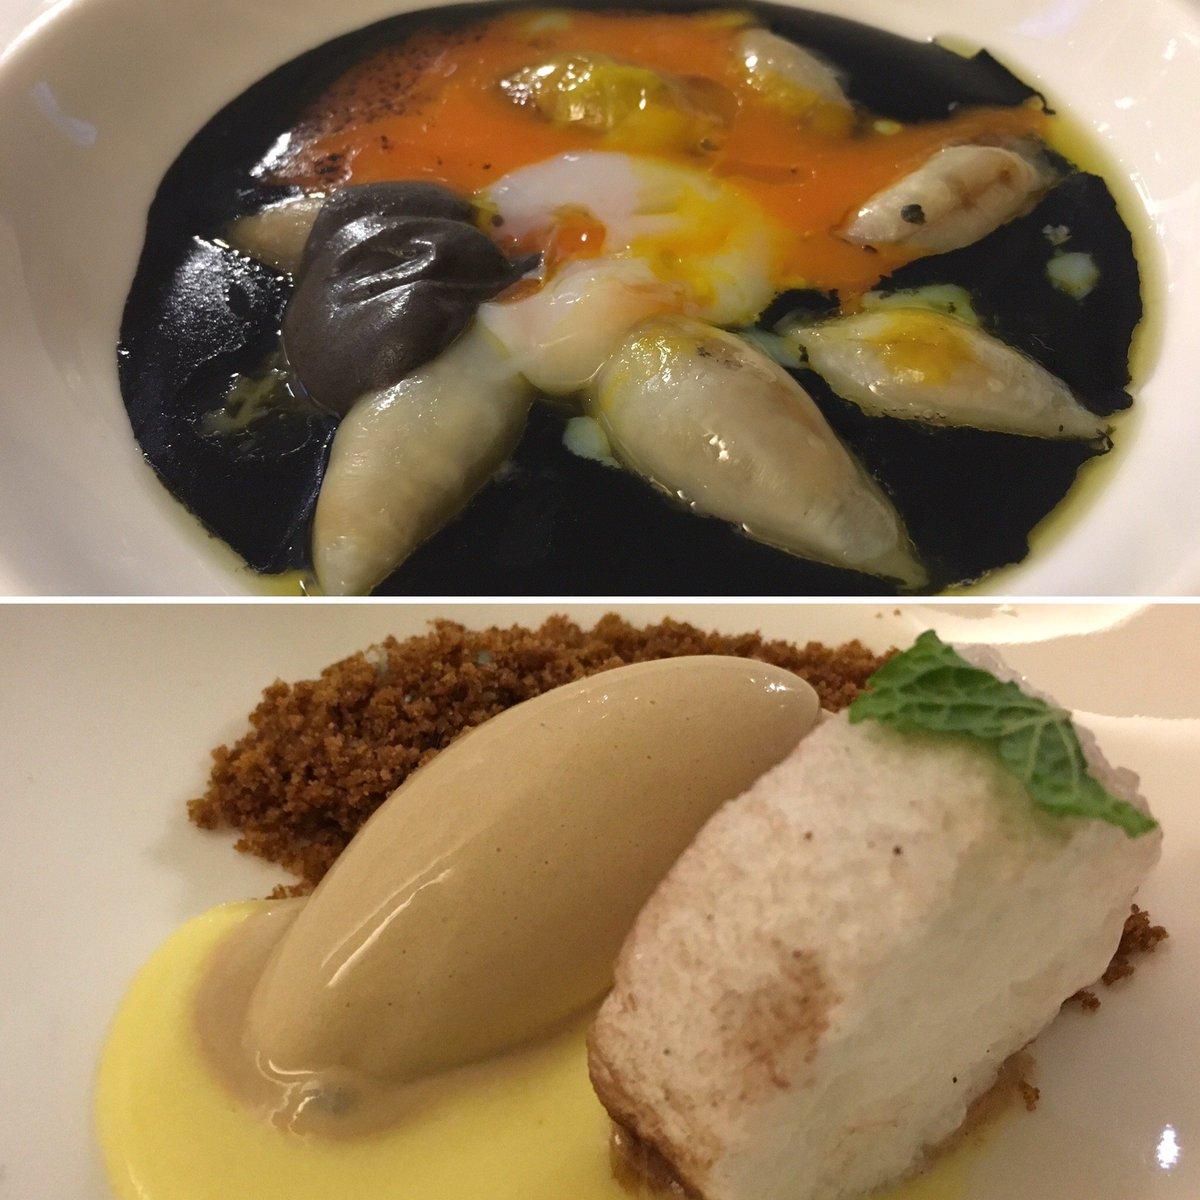 Alma scuola cucina on twitter ieri sera cenedautore in ottima compagnia con giornalisti - Alma scuola cucina ...